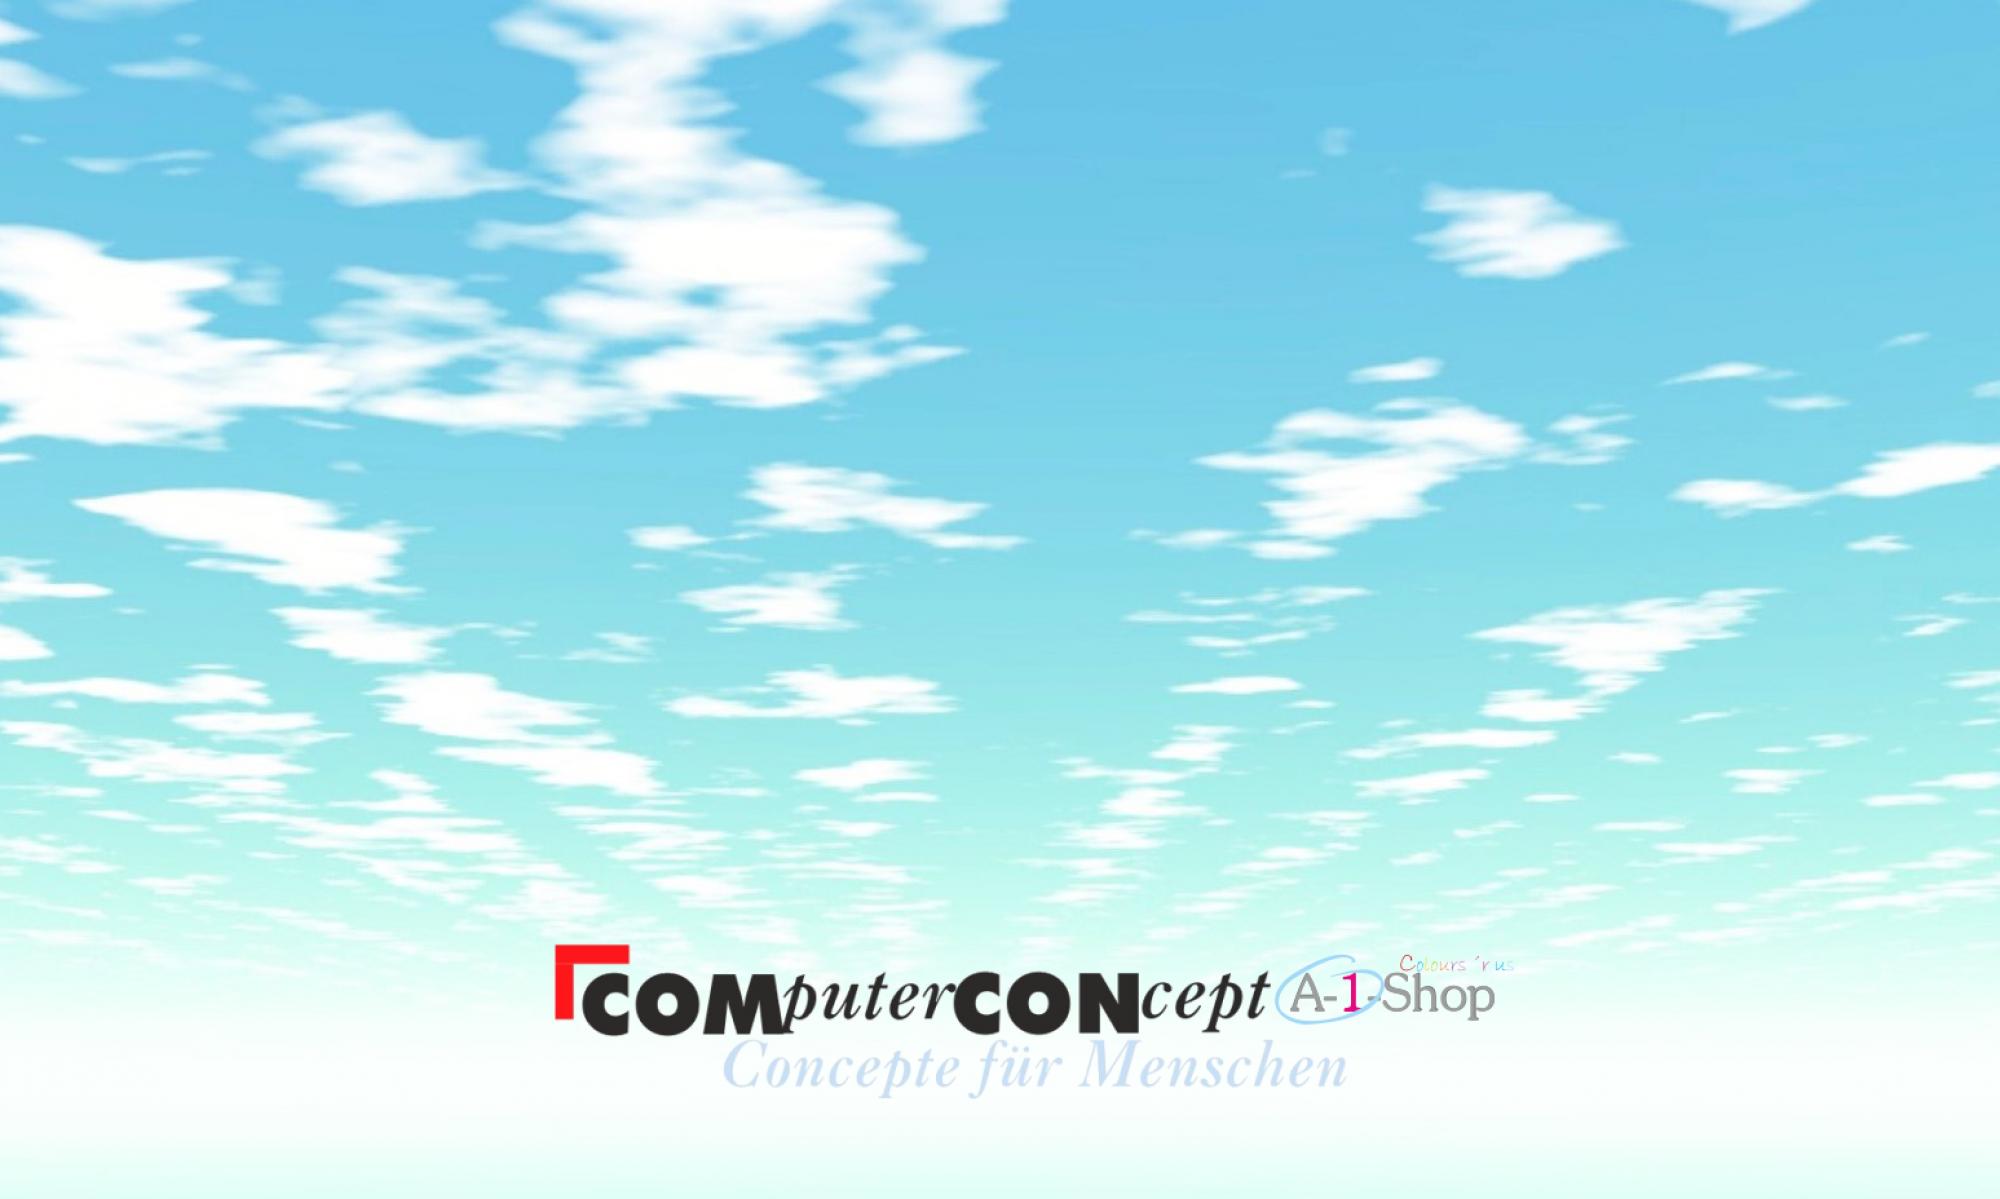 COMputer CONcept - Concepte für Menschen